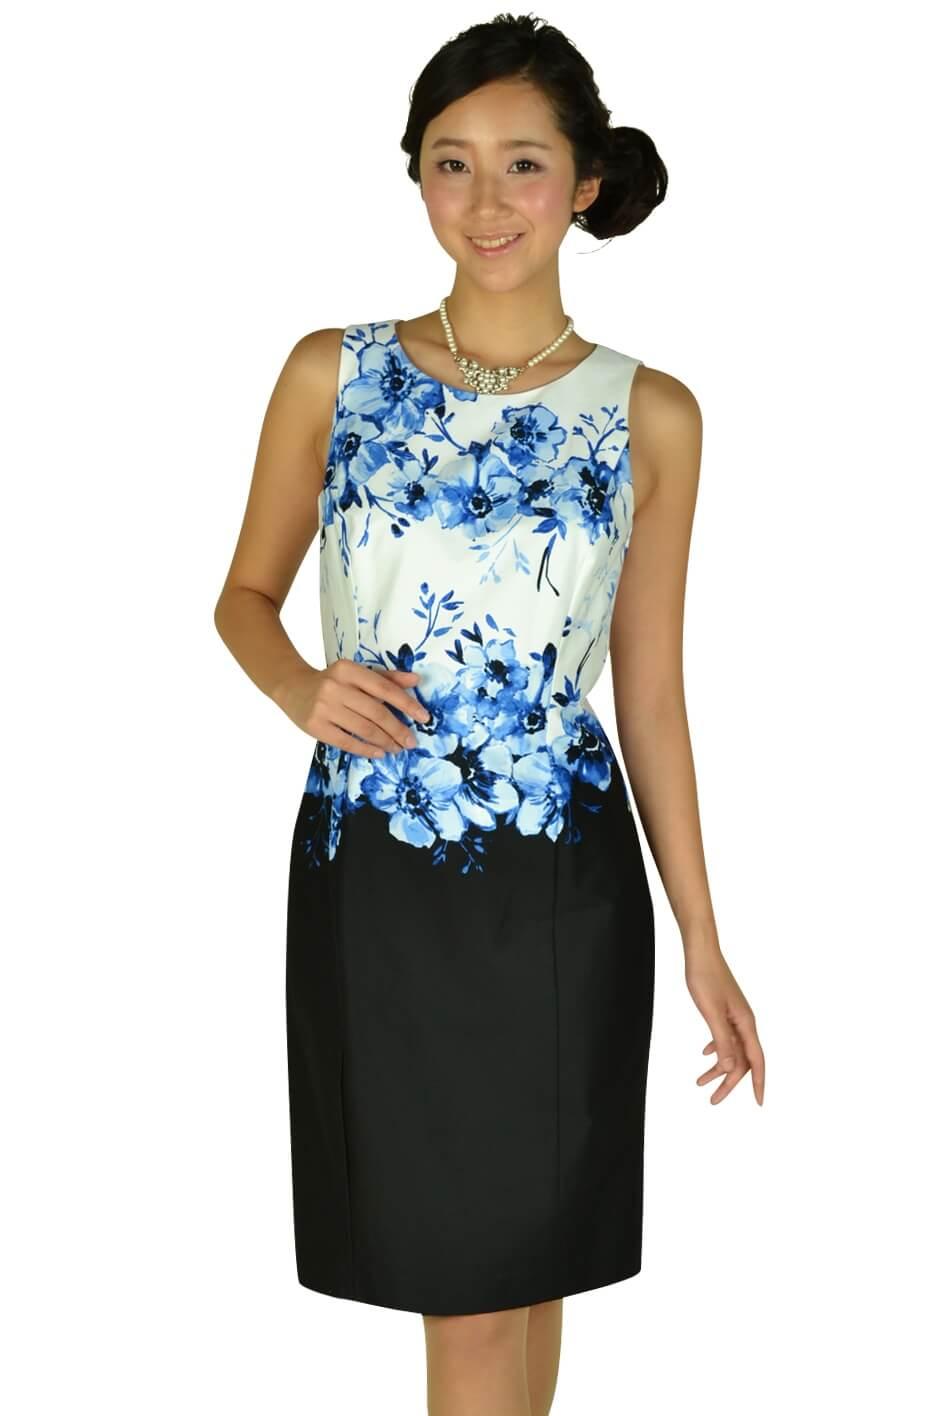 ローレンラルフローレン (LAUREN RALPH LAUREN)フラワーペイント×ブラックSKドレス